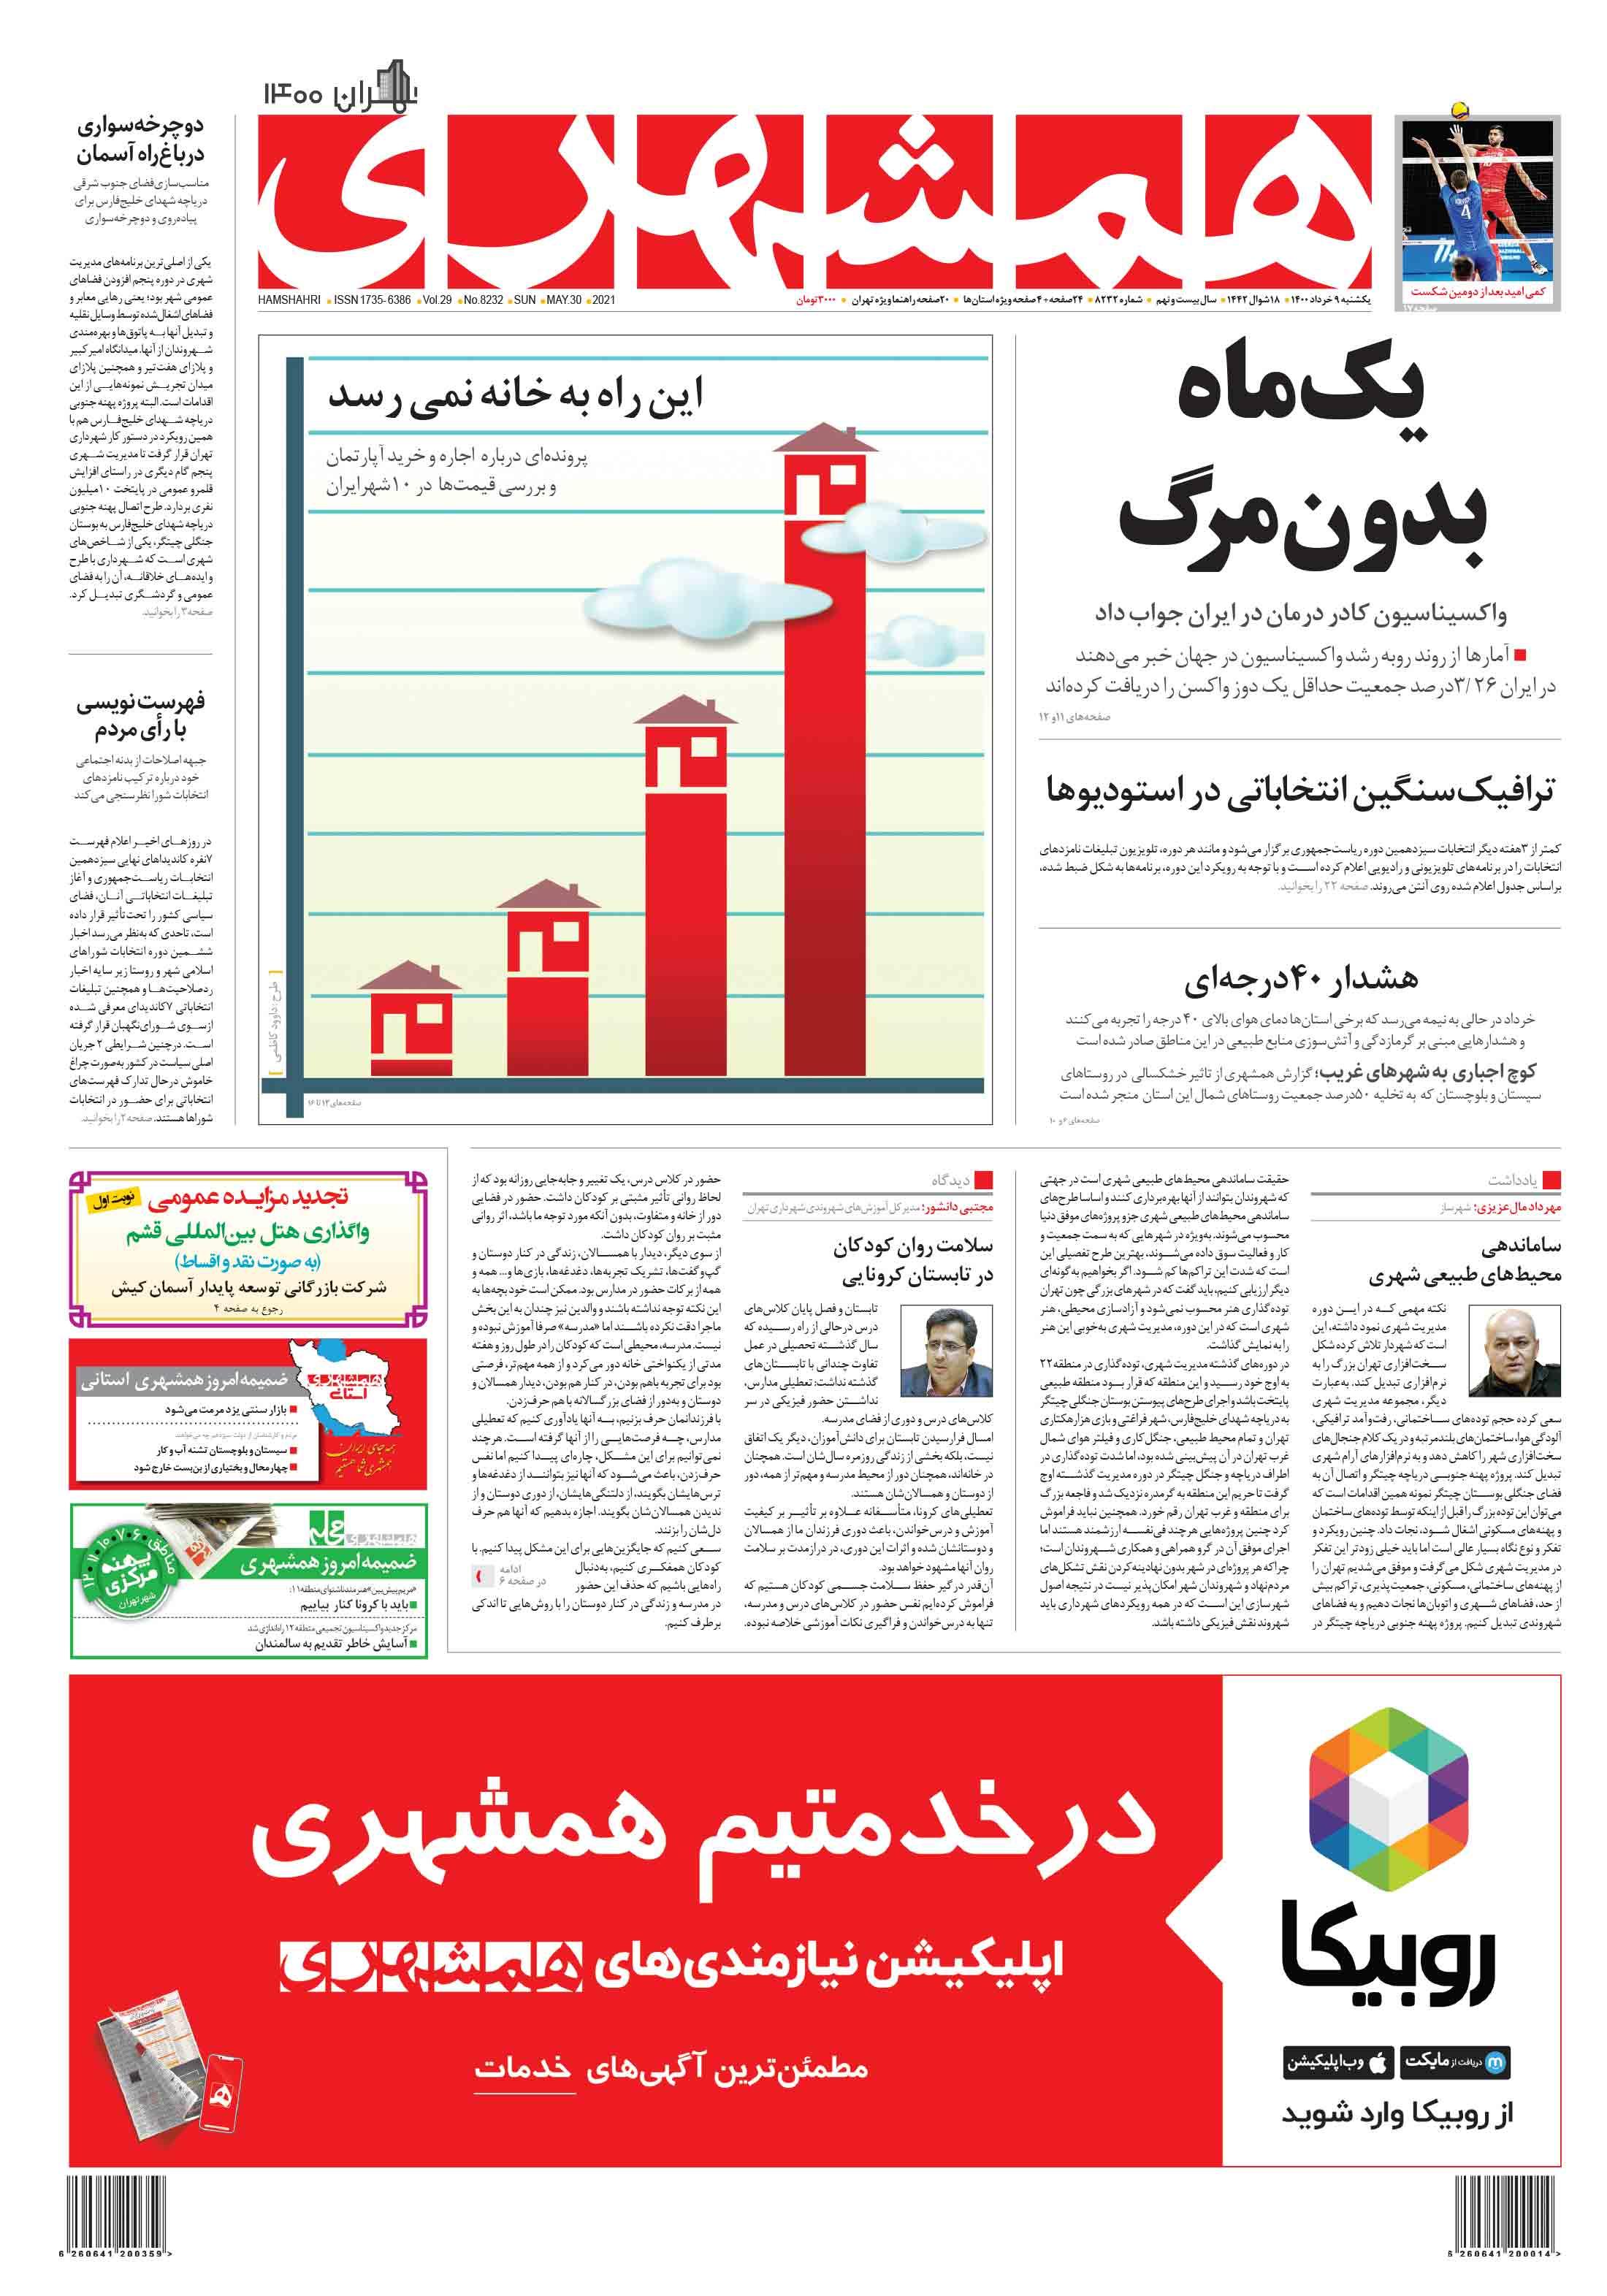 صفحه اول یکشنبه 9 خرداد 1400